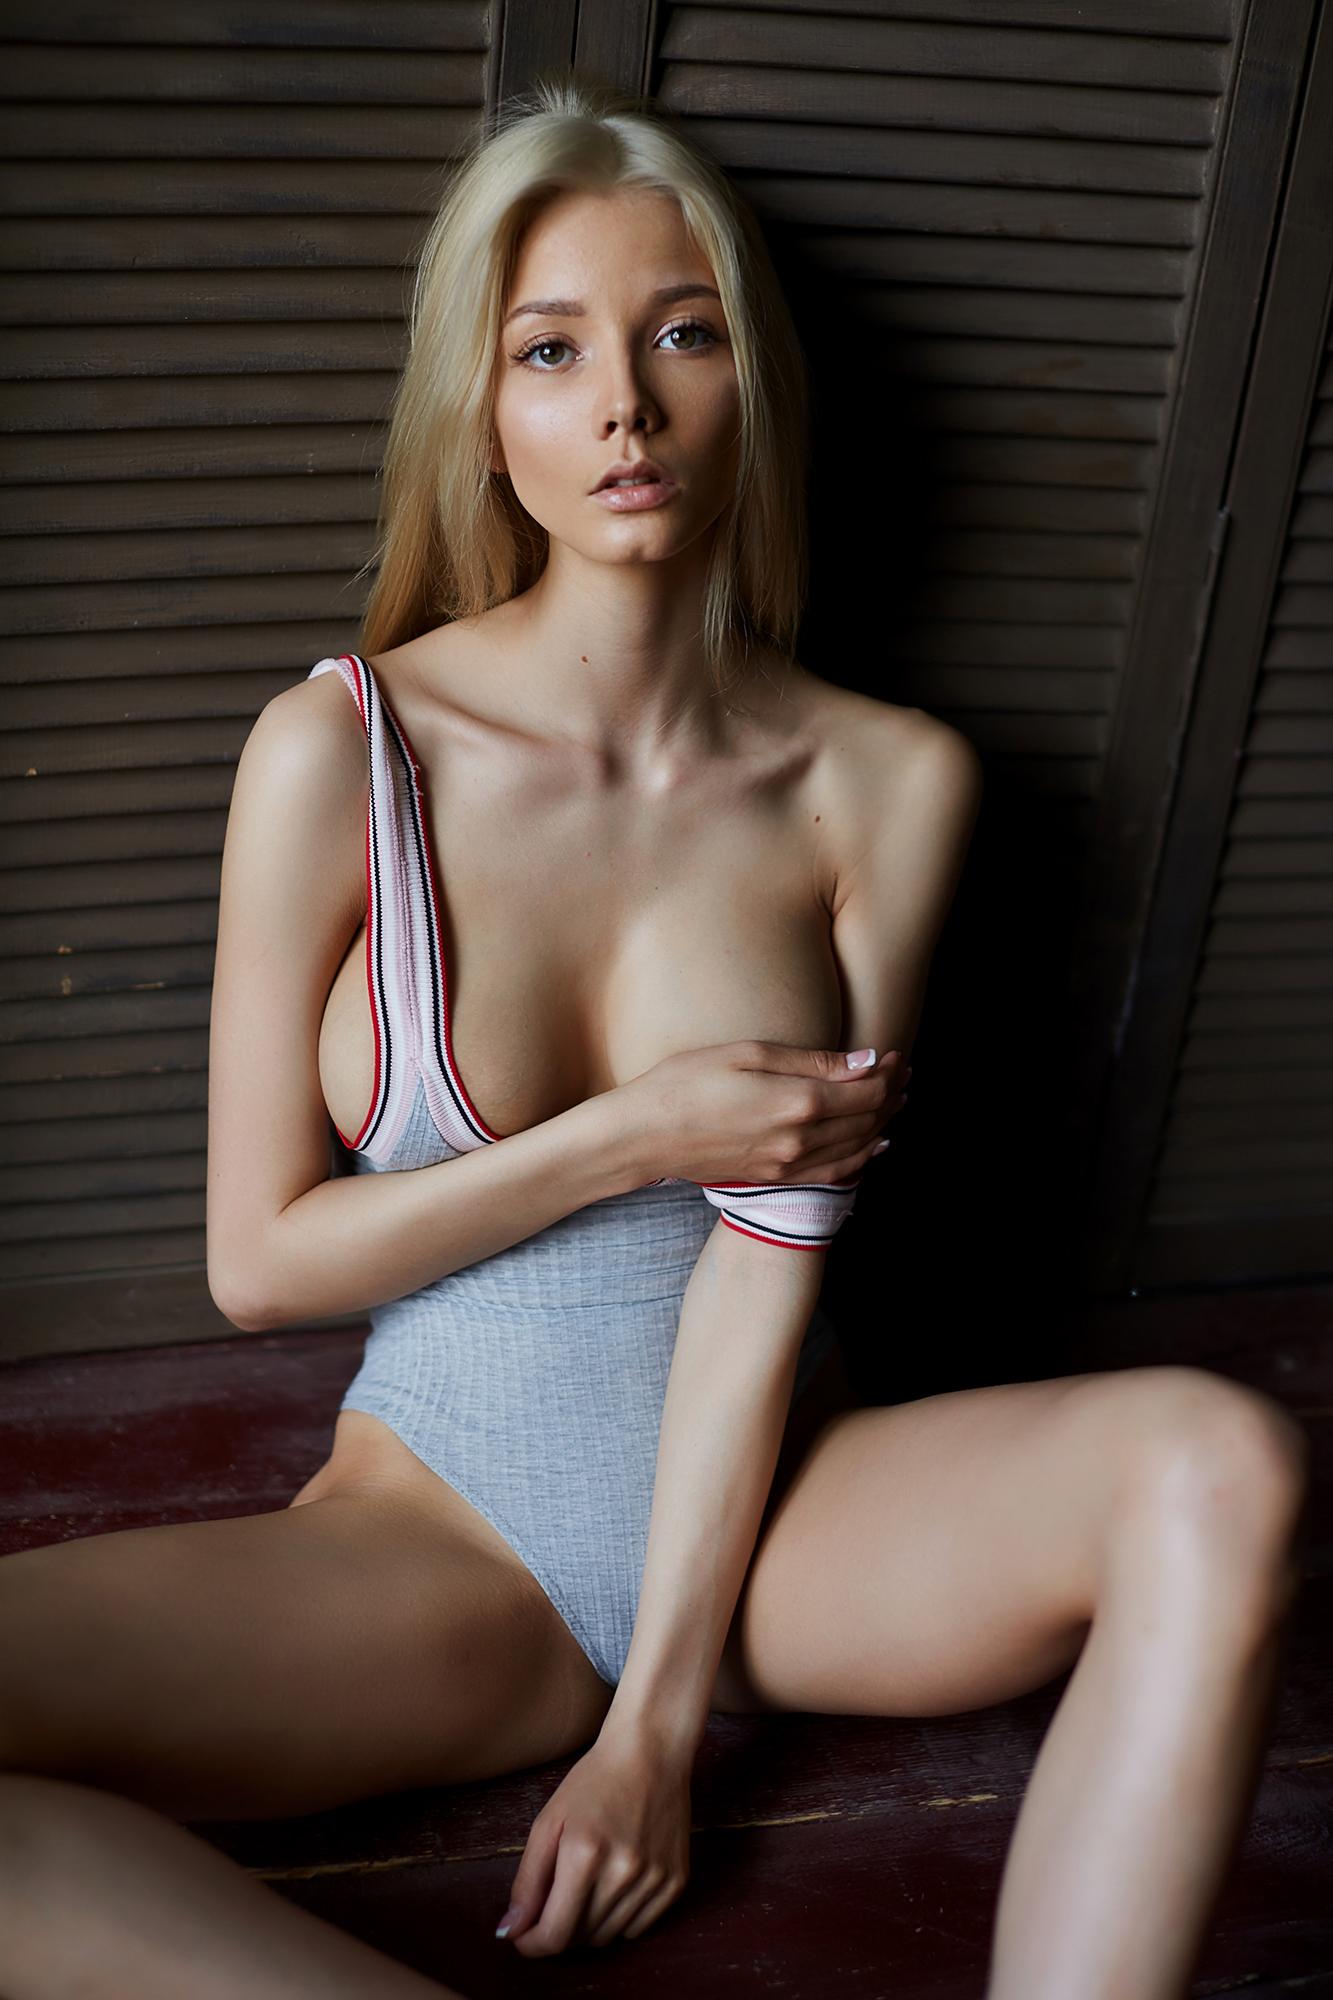 Катя Ширяева / фотограф Дмитрий Лобанов